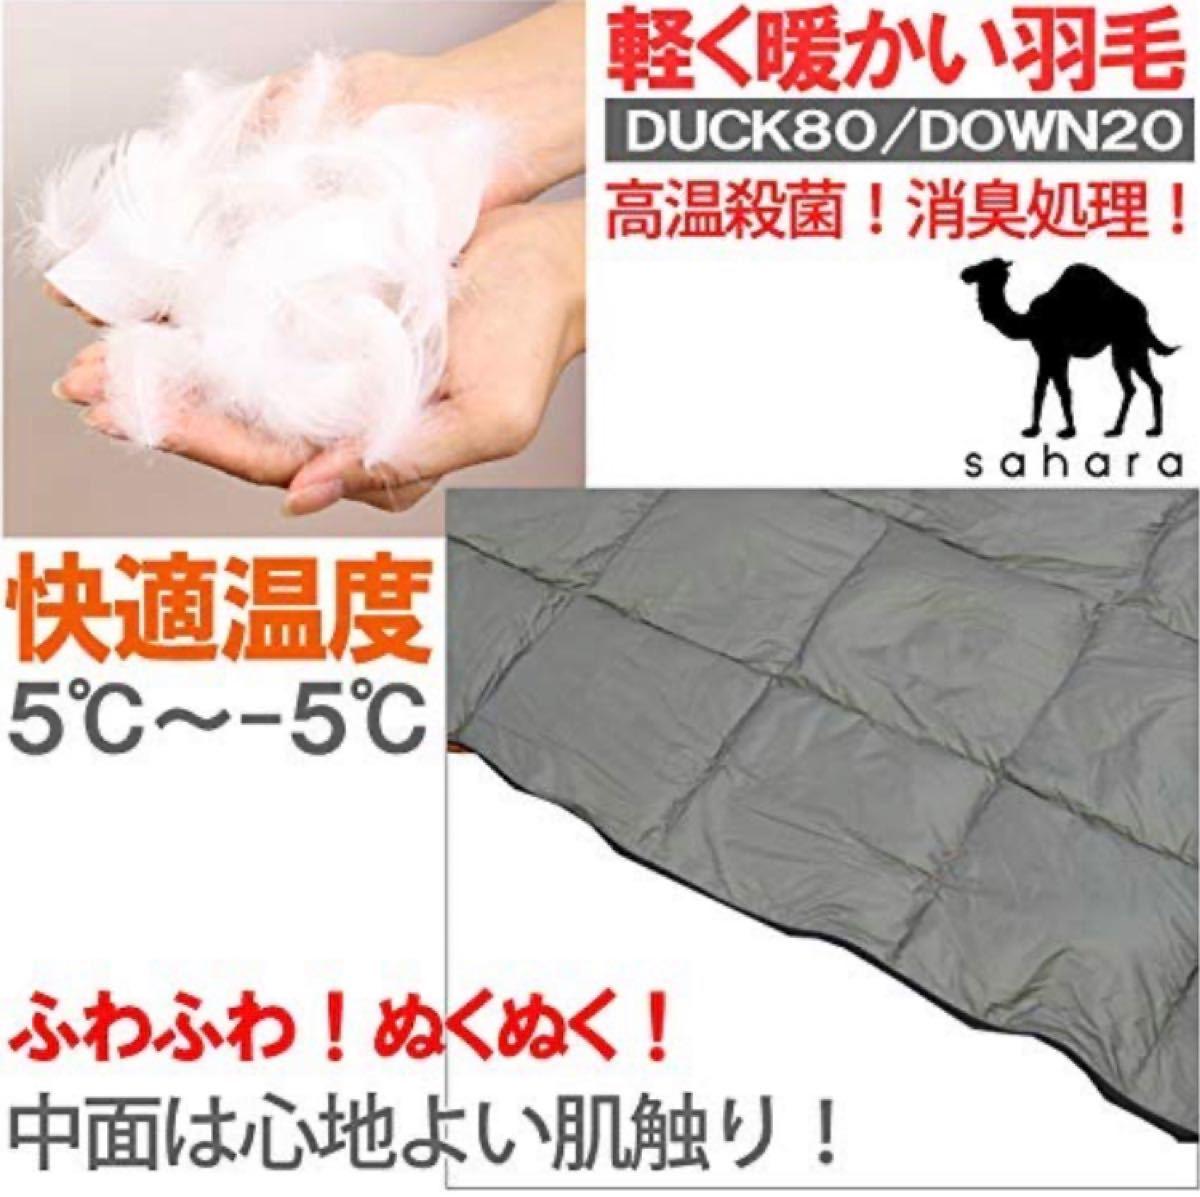 寝袋 抗菌仕様 羽毛 封筒型 キャンプ アウトドア シュラフ 車中泊 ダウン